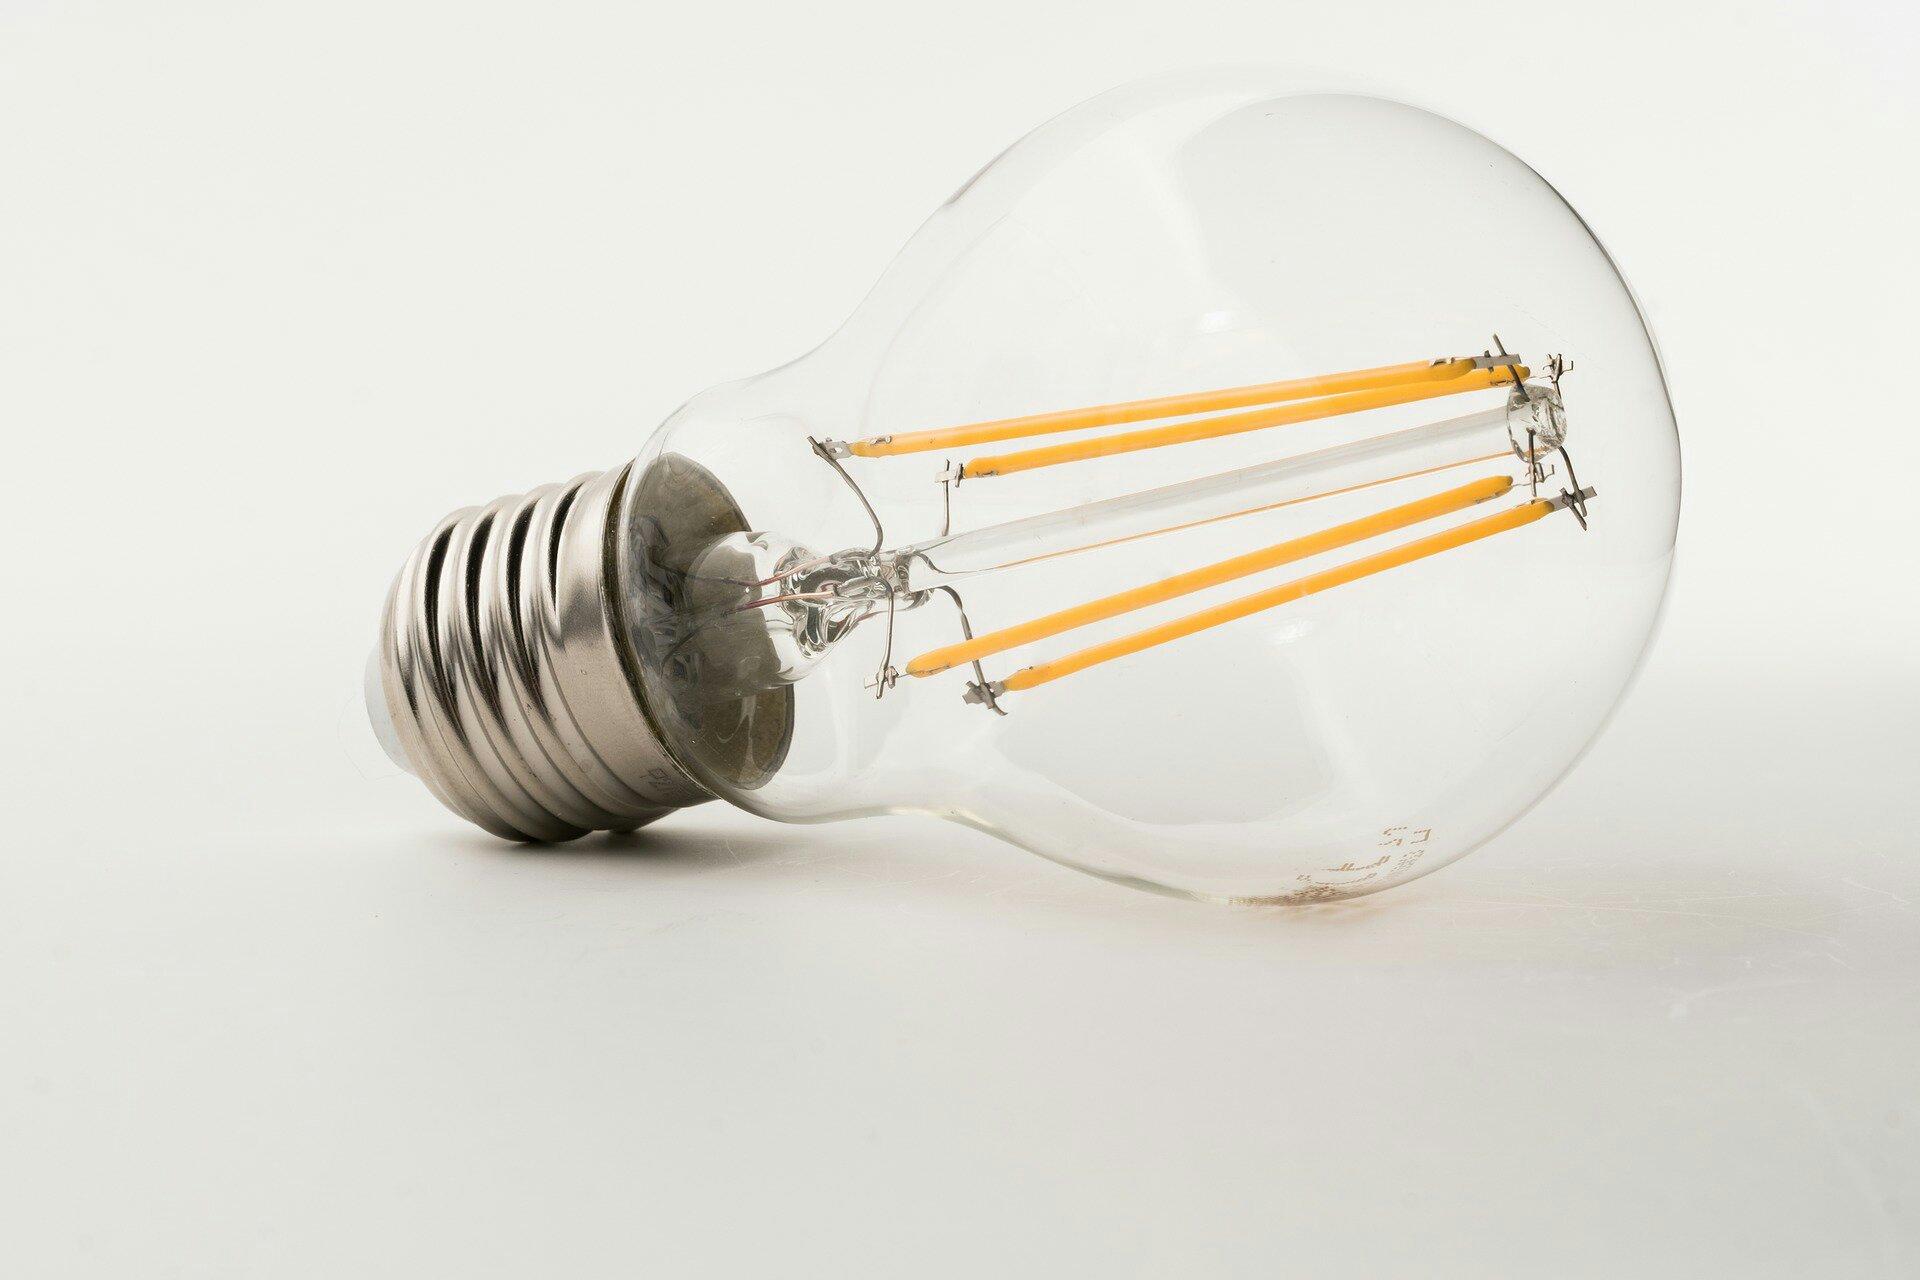 Plafoniere Per Citofoni : Fornitura illuminazione a led per negozi u ld solutions